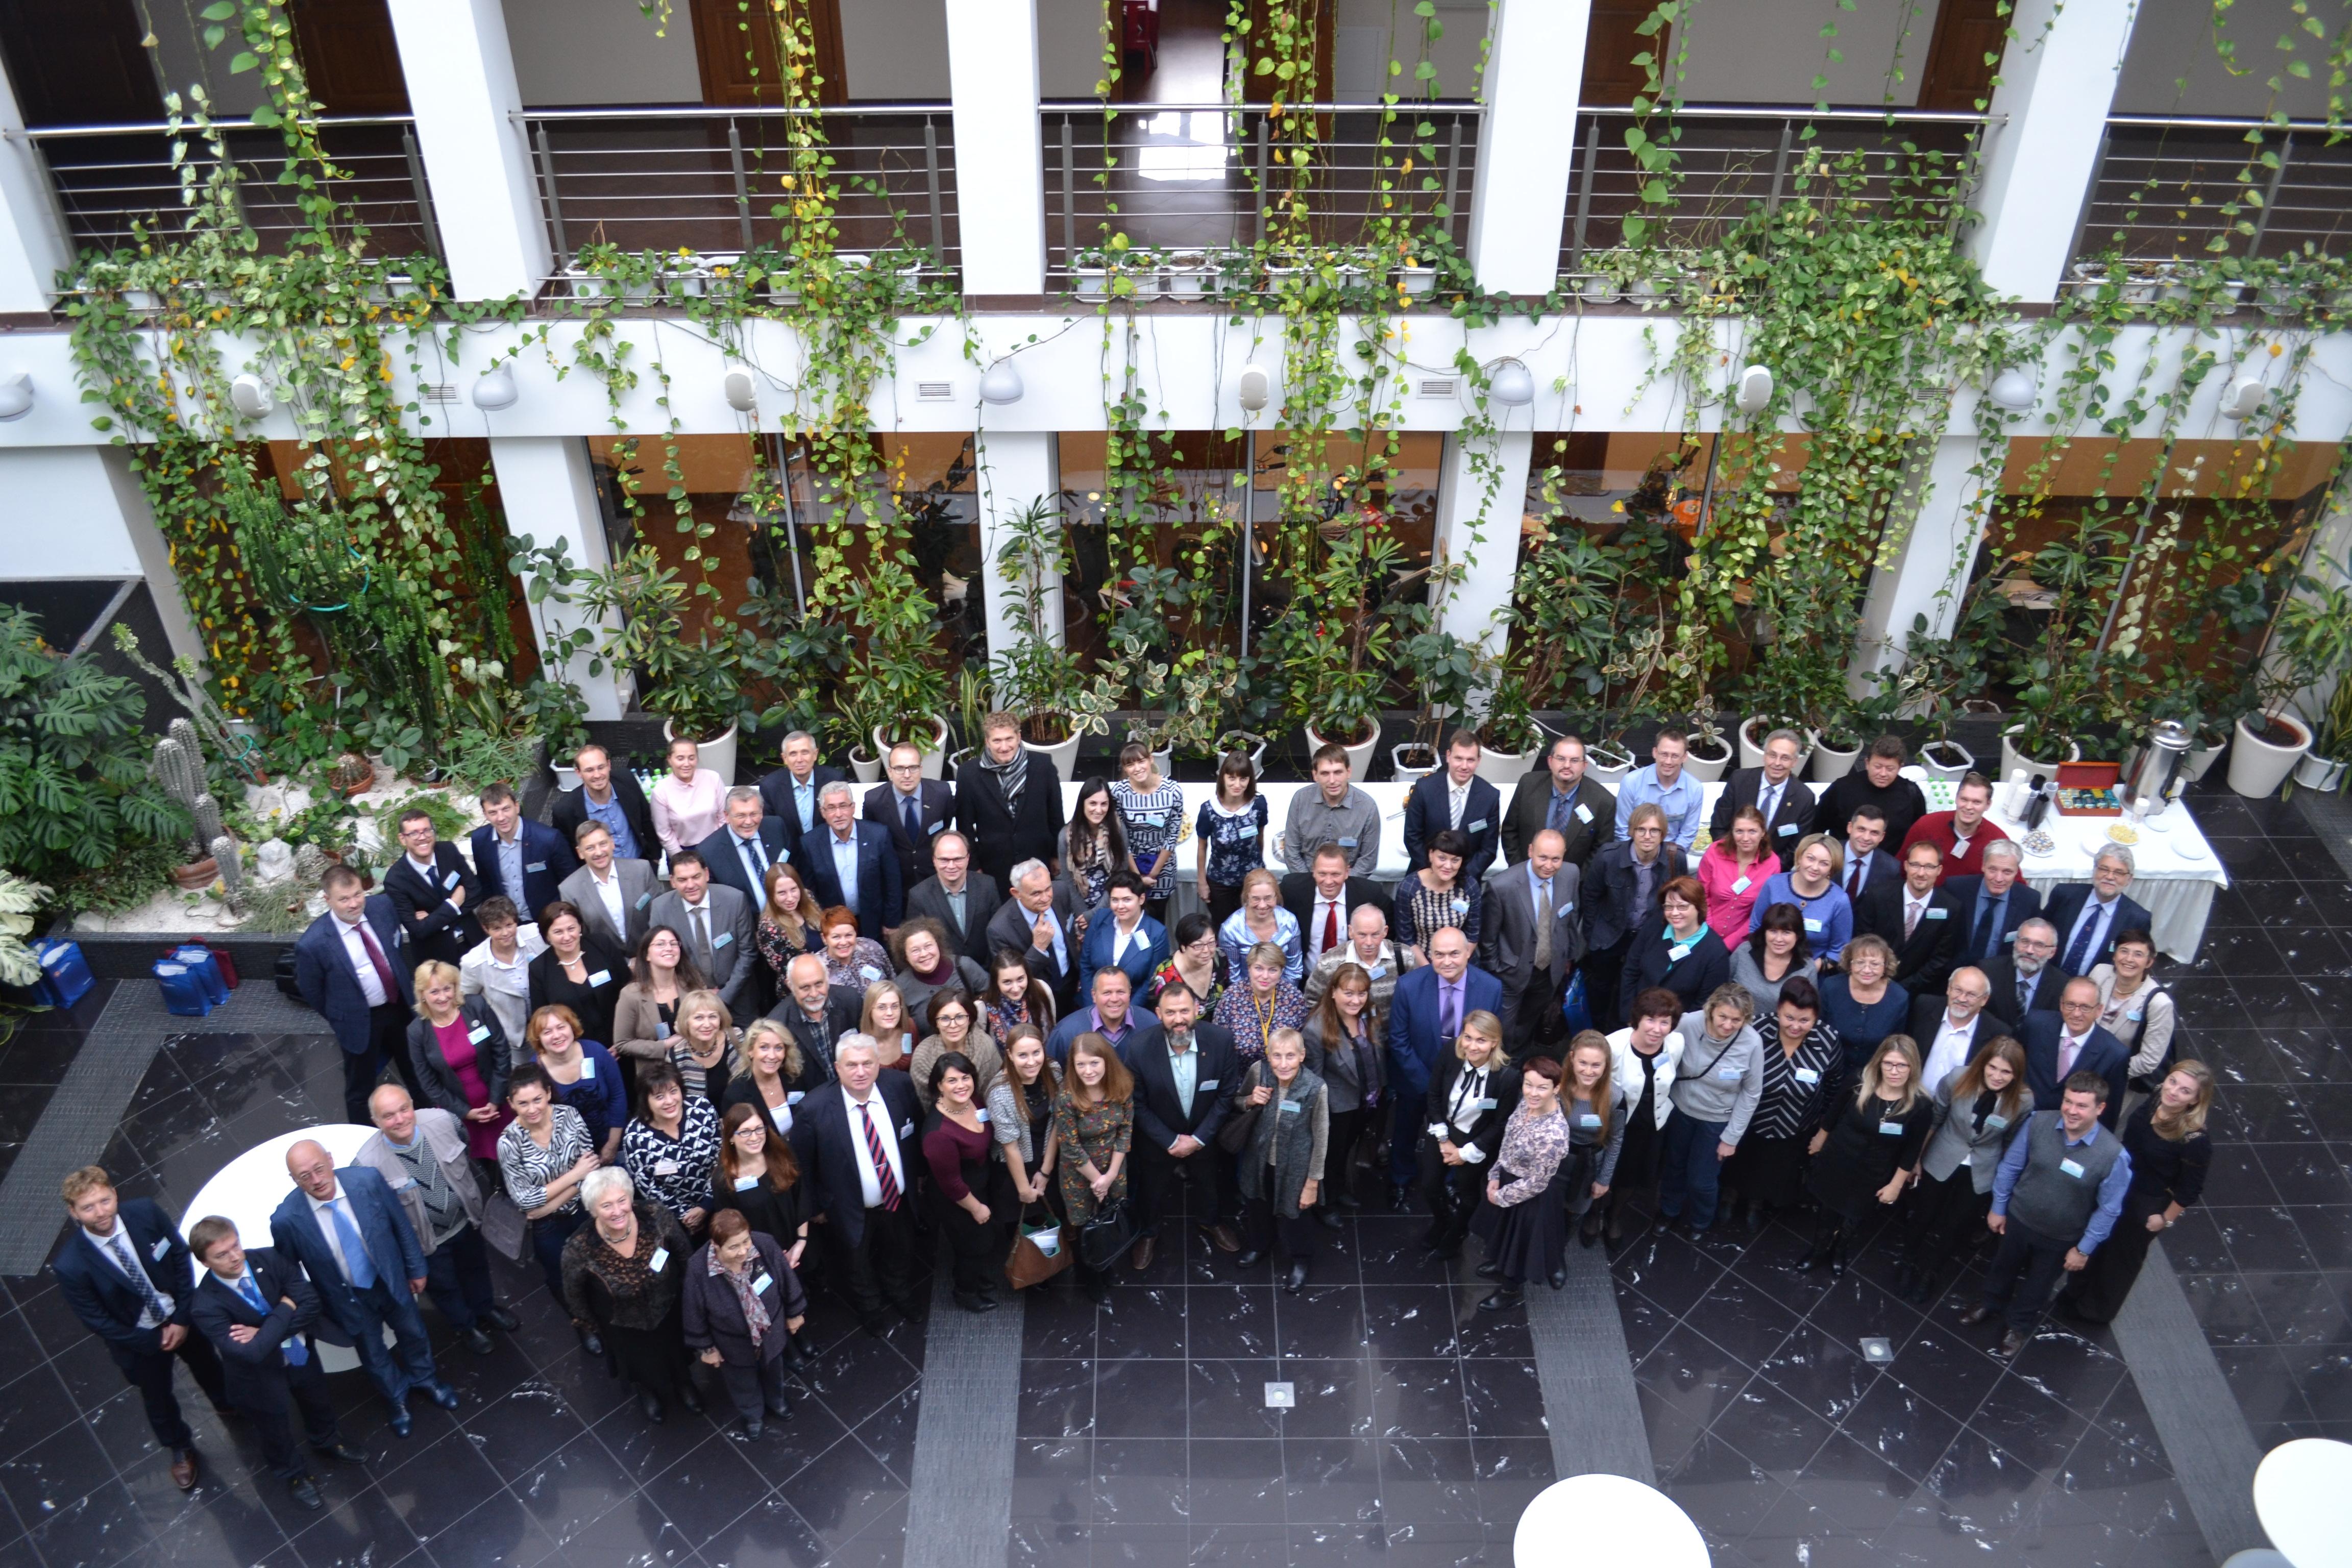 Gruppenbild der Teilnehmer, von oben auufgenommen